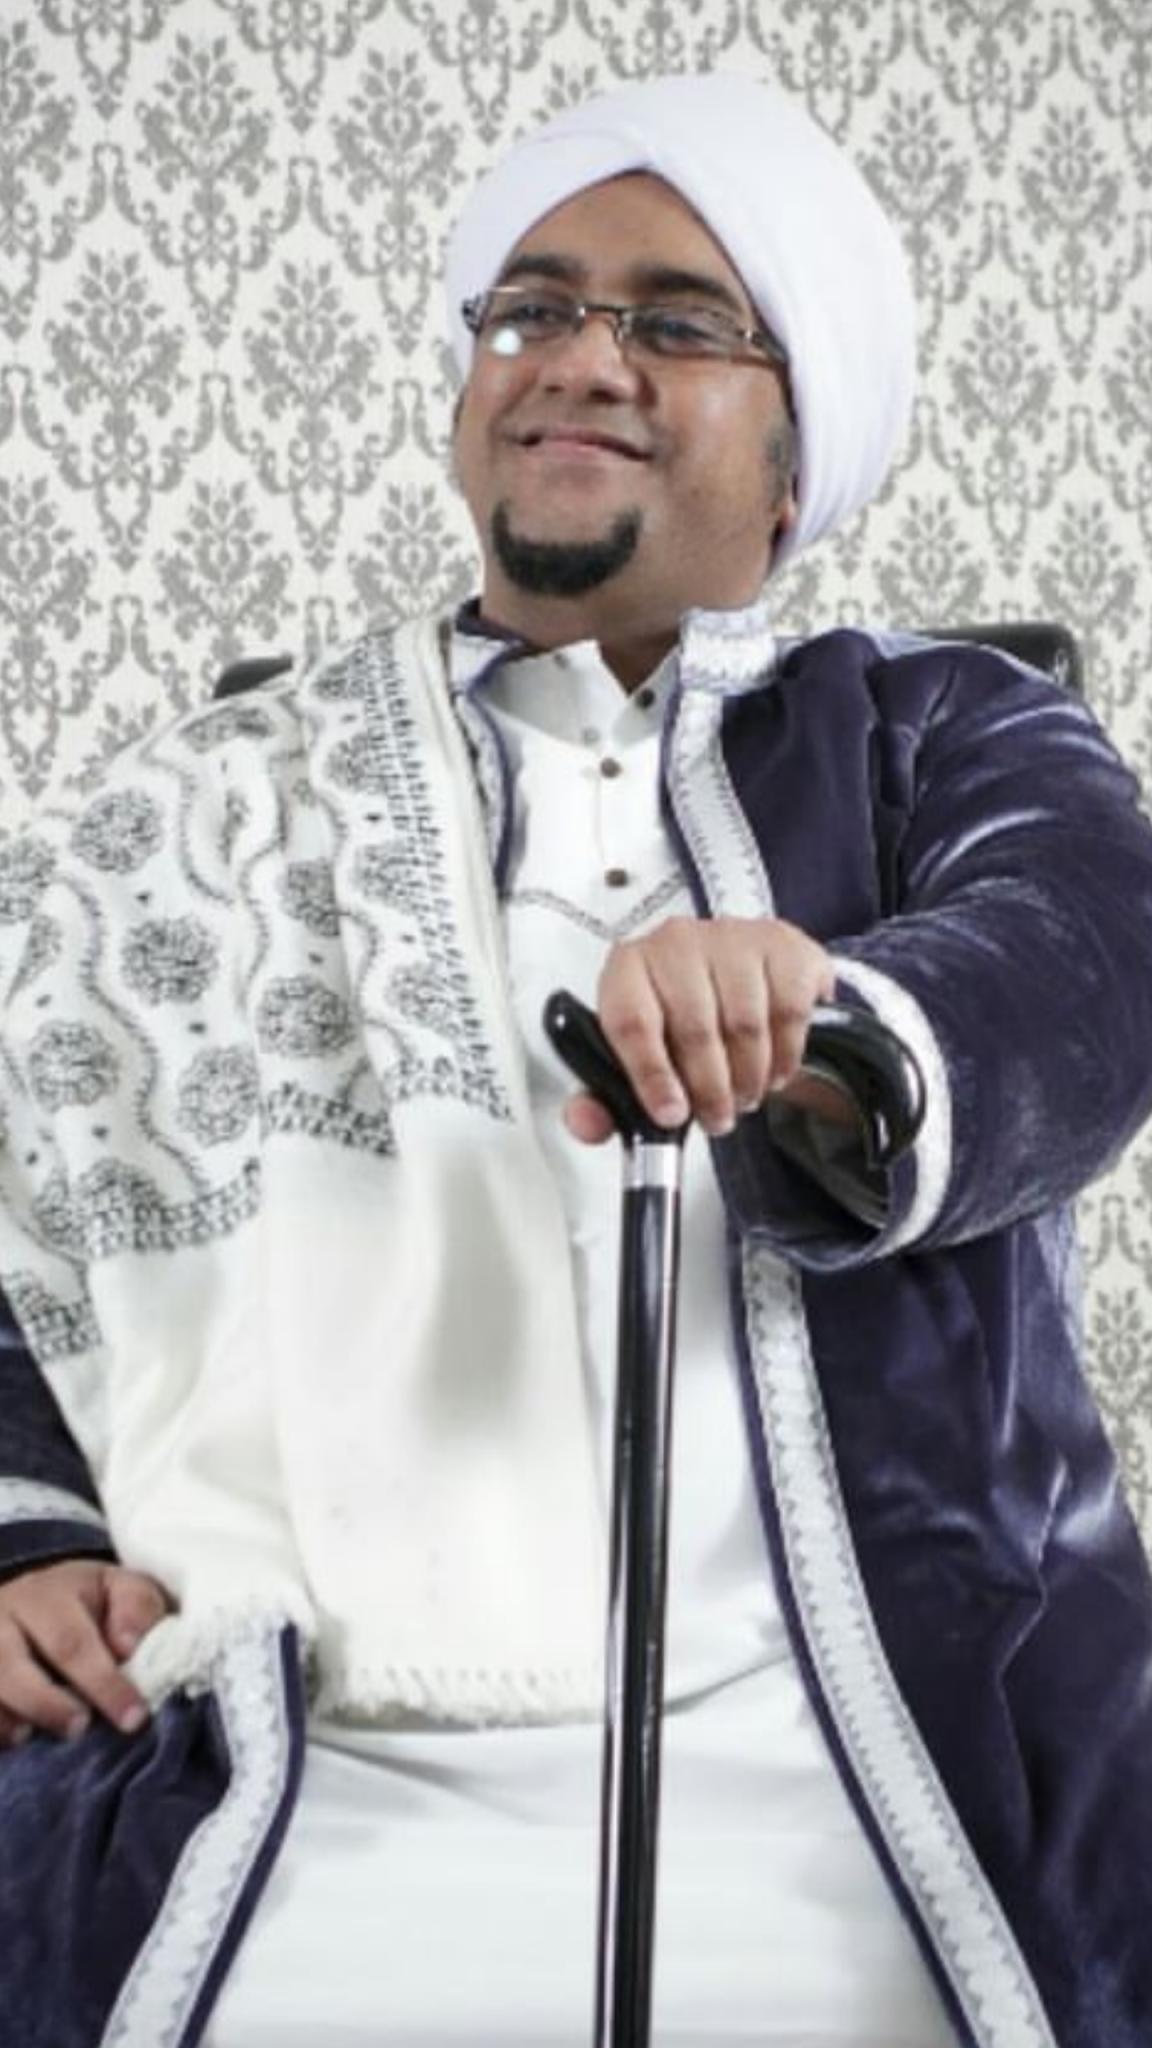 Download Wallpaper Wallpaper Habib Hasan 2702171